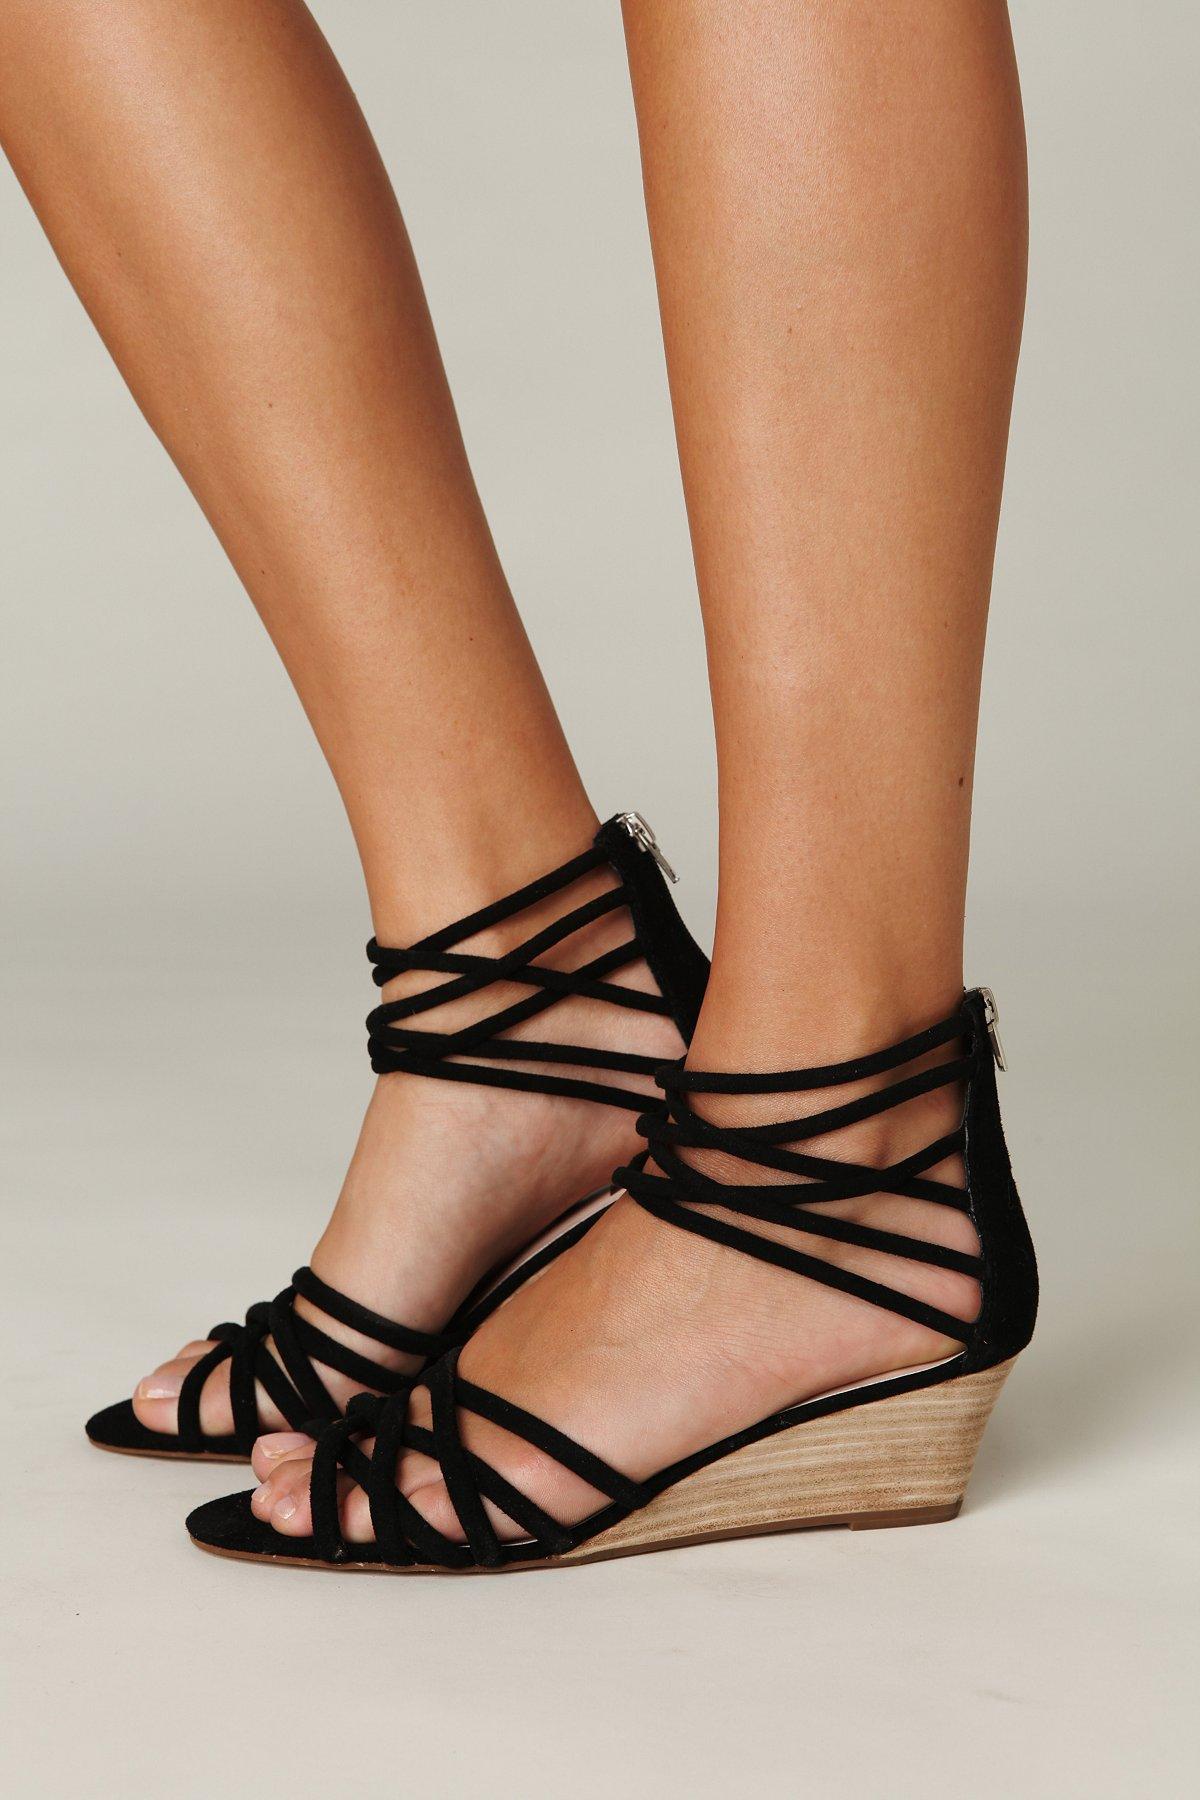 Queen Wedge Sandal